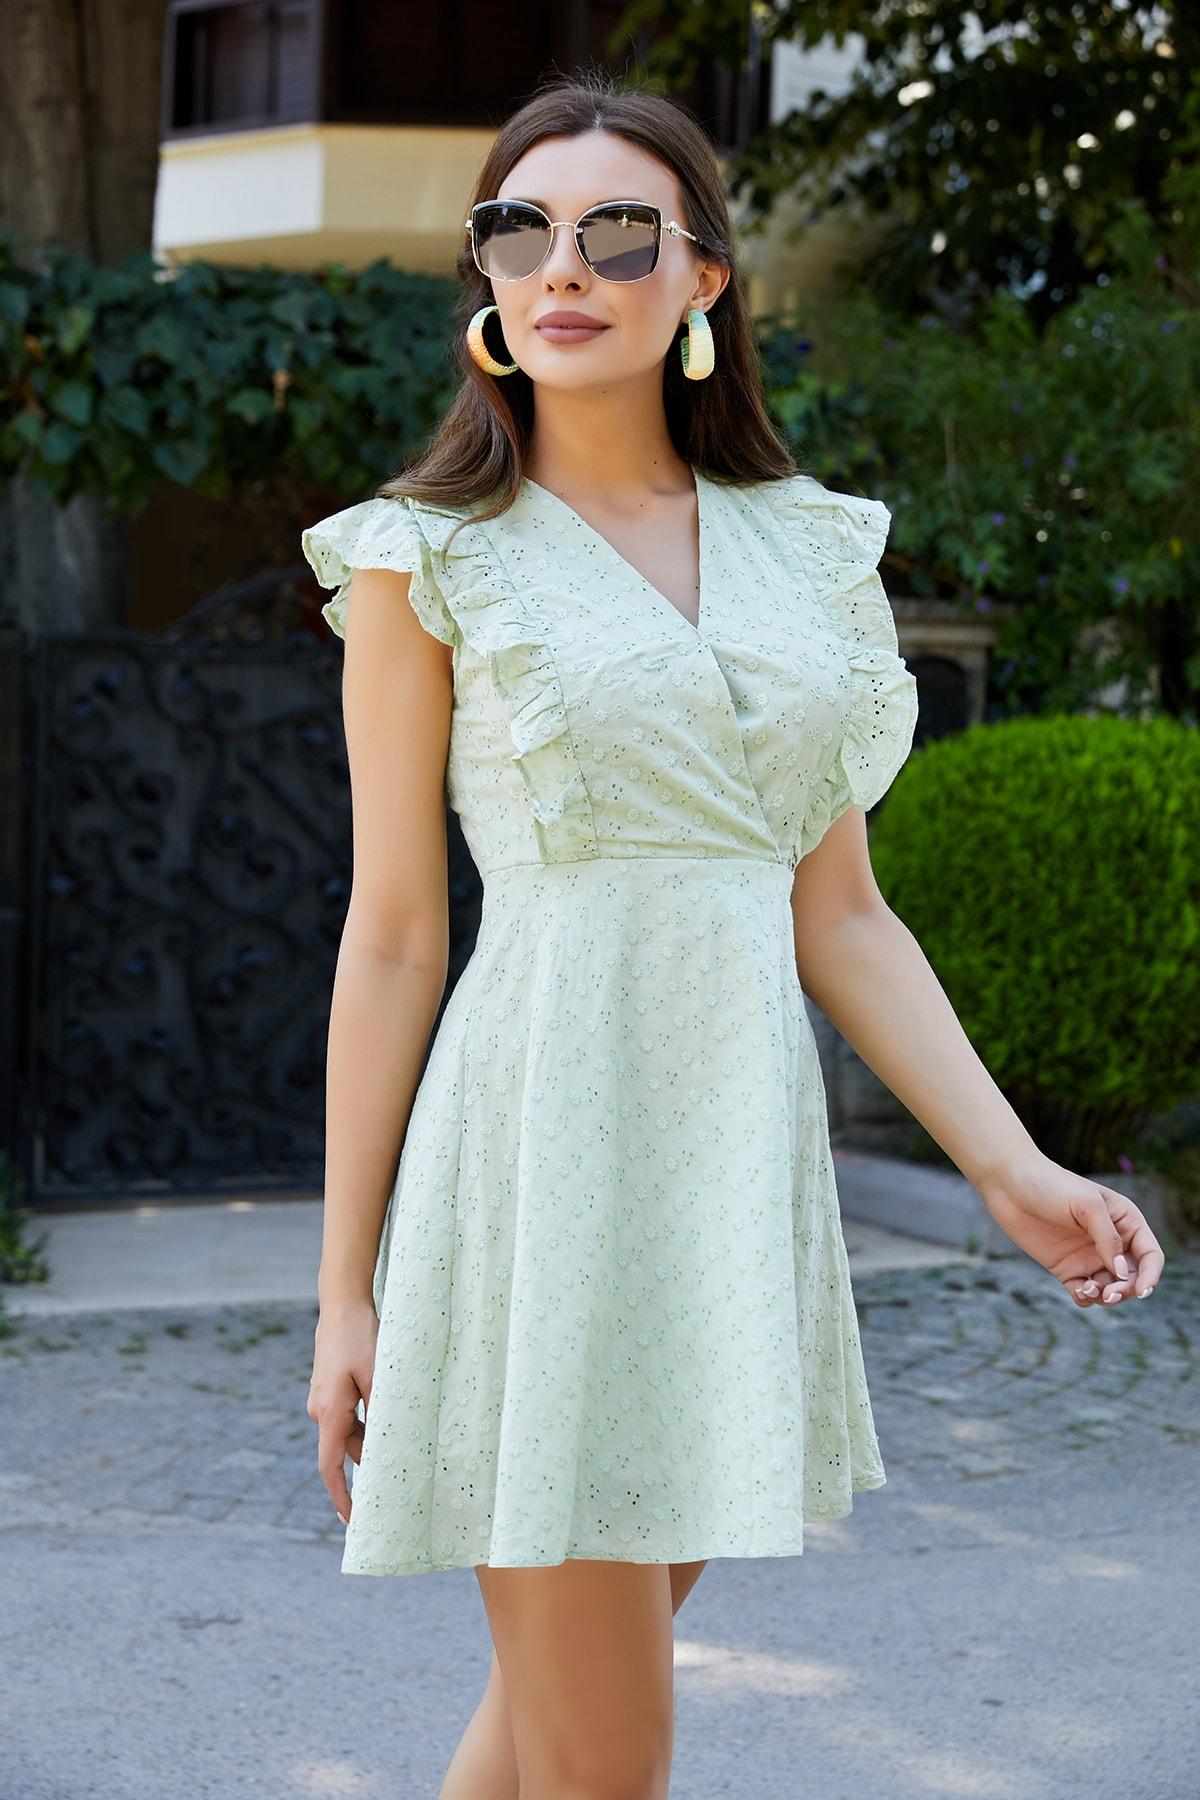 Sateen Kadın Çağla Yeşili Fırfırlı Mini Fisto Elbise Stn253Kel111